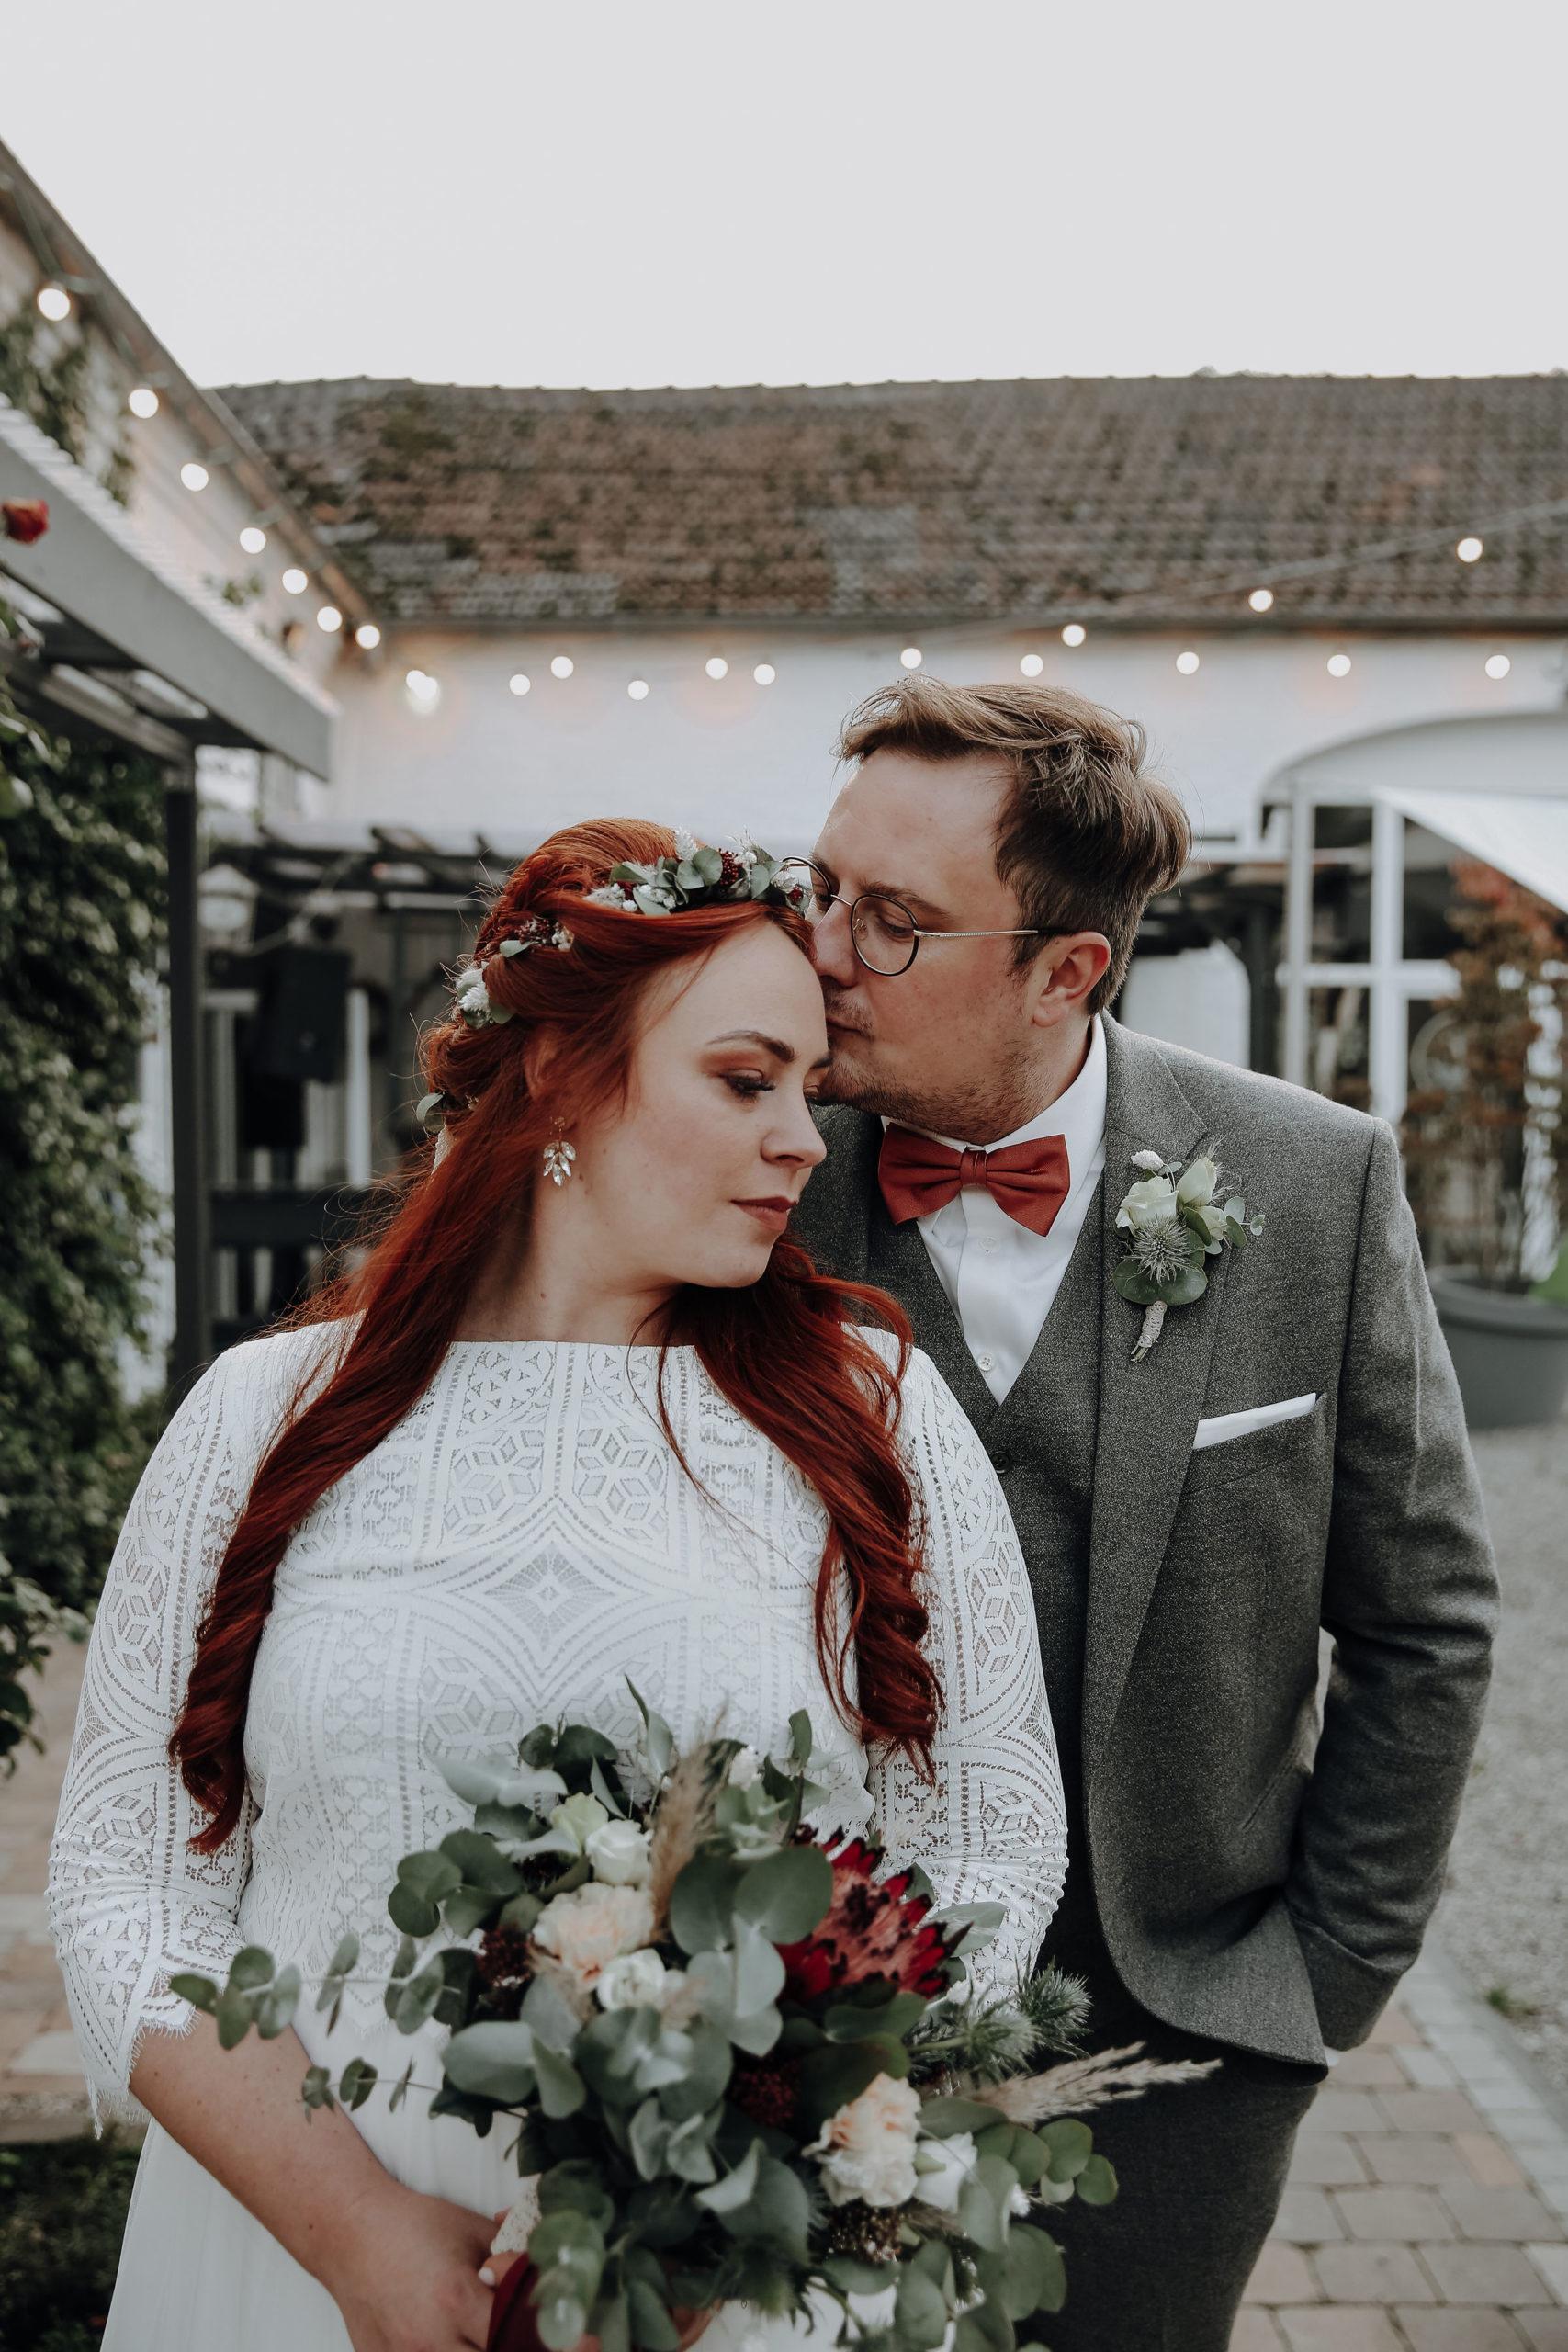 noni Brautmode, Wedding Shoot, Bräutigam küsst Braut auf die Stirn.